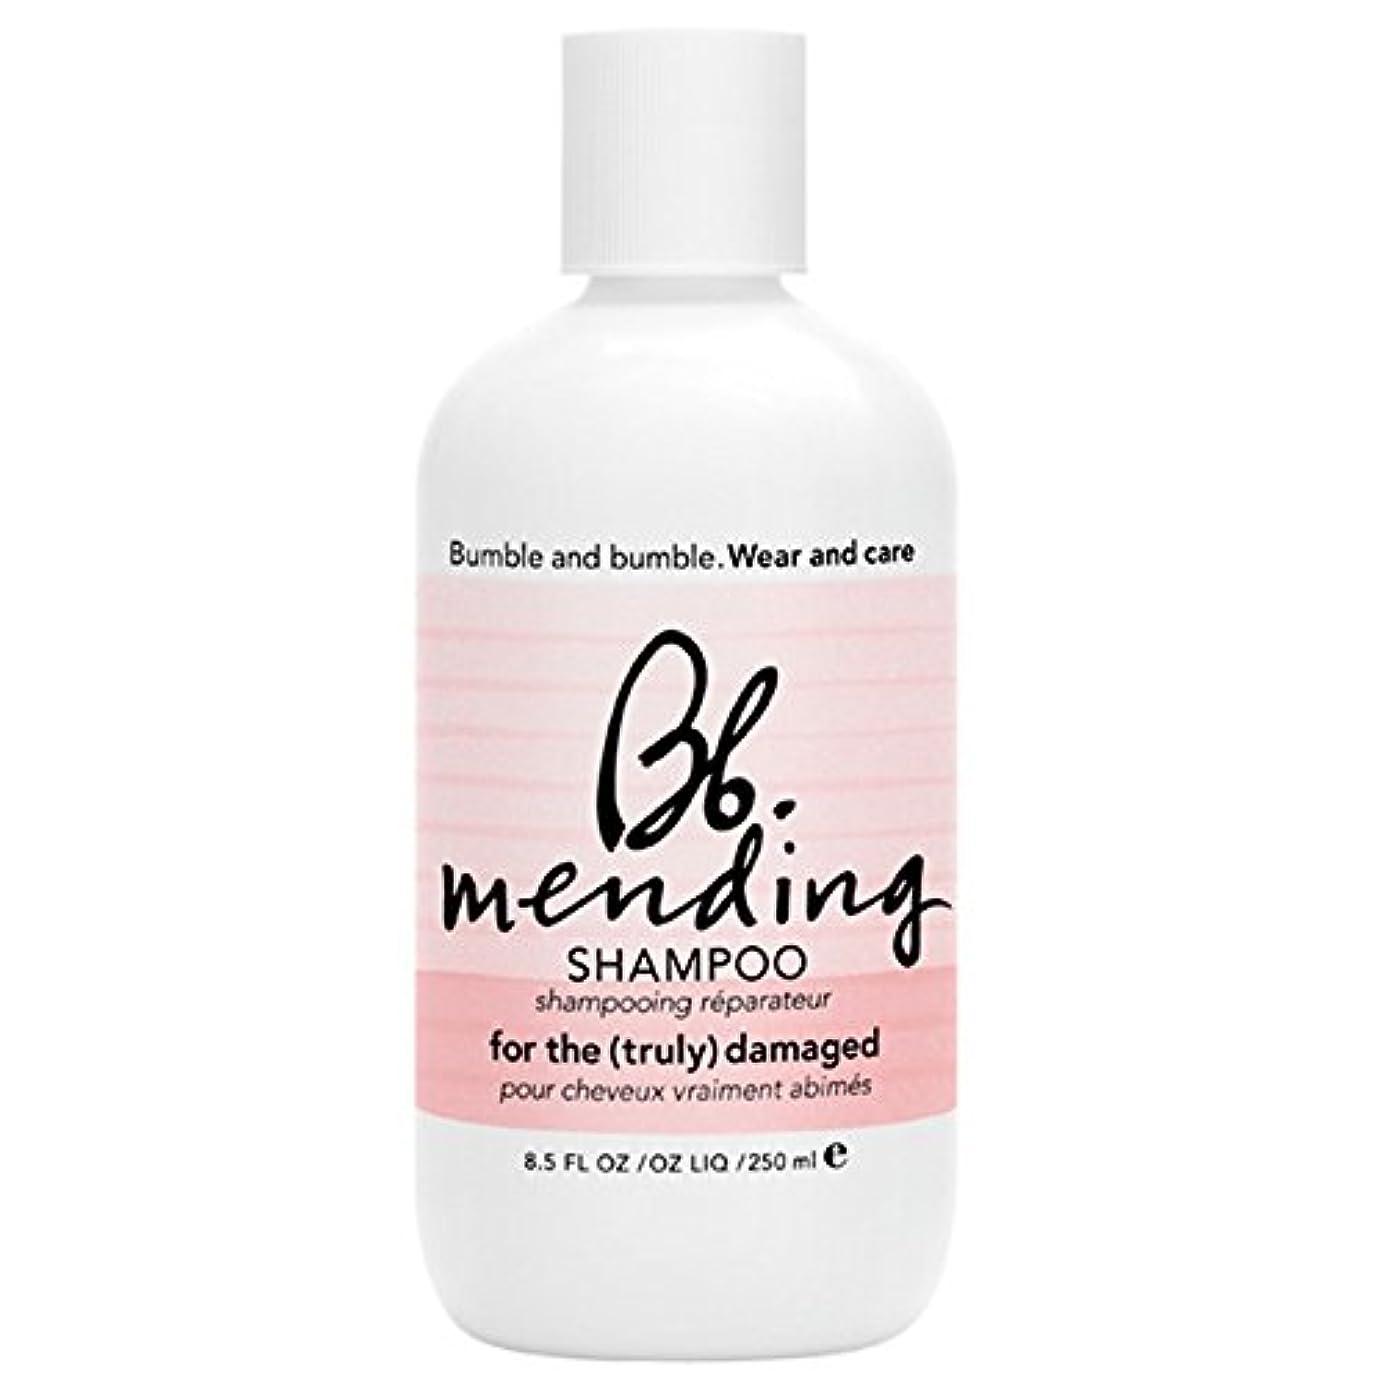 貝殻広まった谷バンブルアンドシャンプー250ミリリットルを補修バンブル (Bumble and bumble) (x2) - Bumble and bumble Mending Shampoo 250ml (Pack of 2) [並行輸入品]